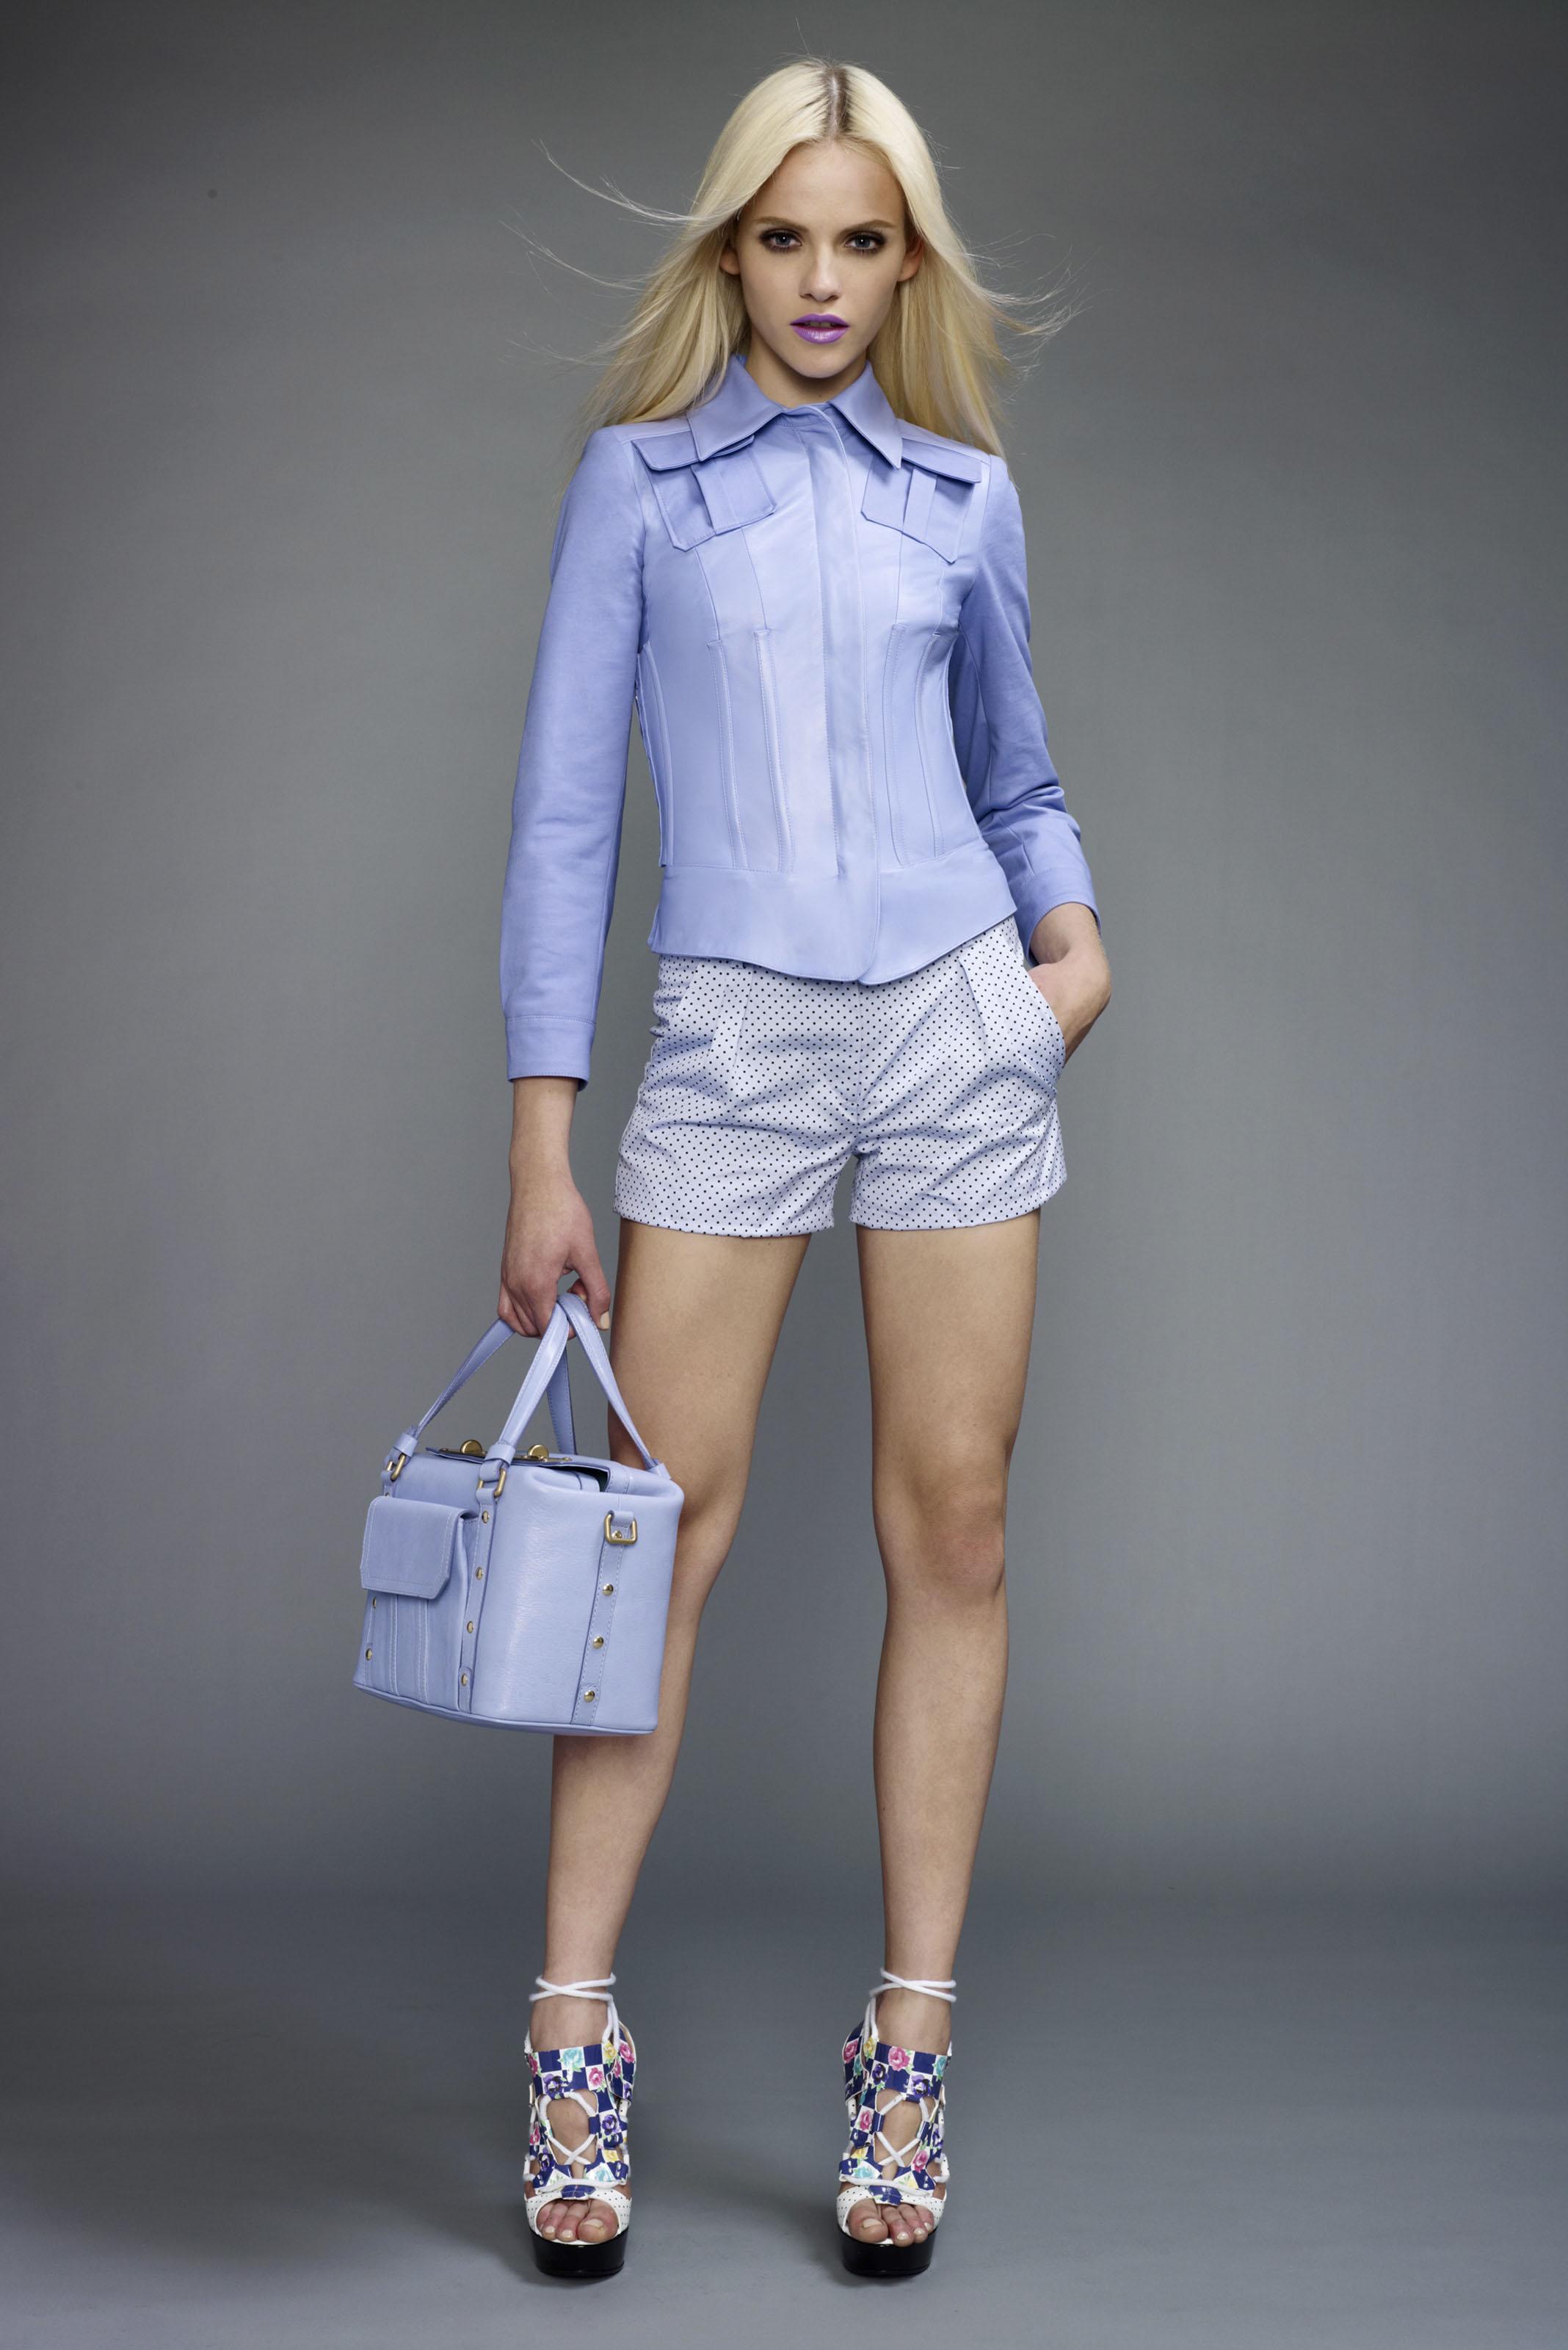 2011 особенно радует красочной обувью и запоминающимися сумками